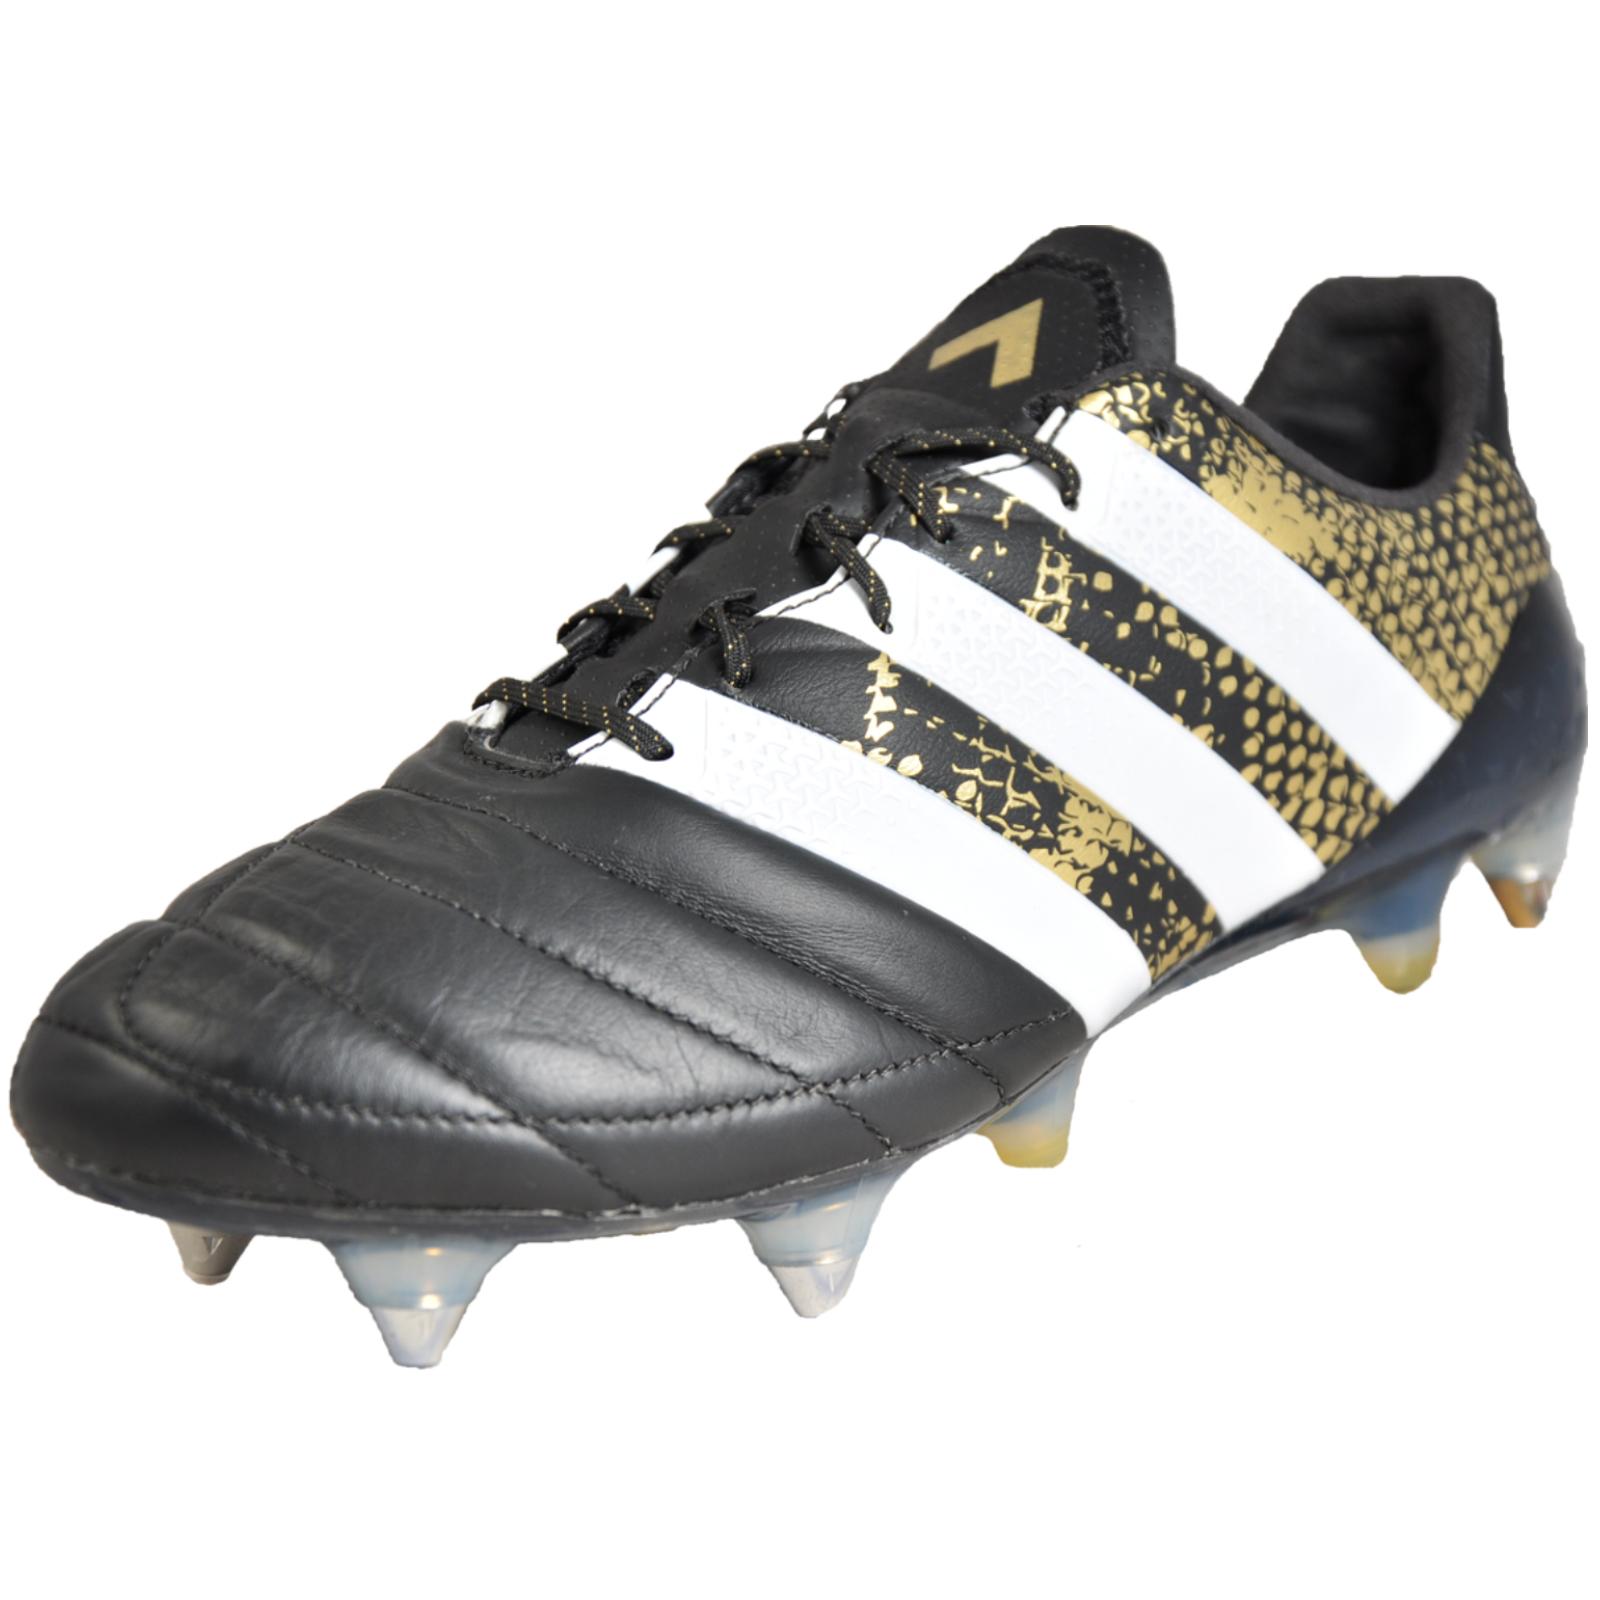 cheap for discount 013e1 28f77 sale adidas ace 16.1 sg black 6a6e5 cb92e